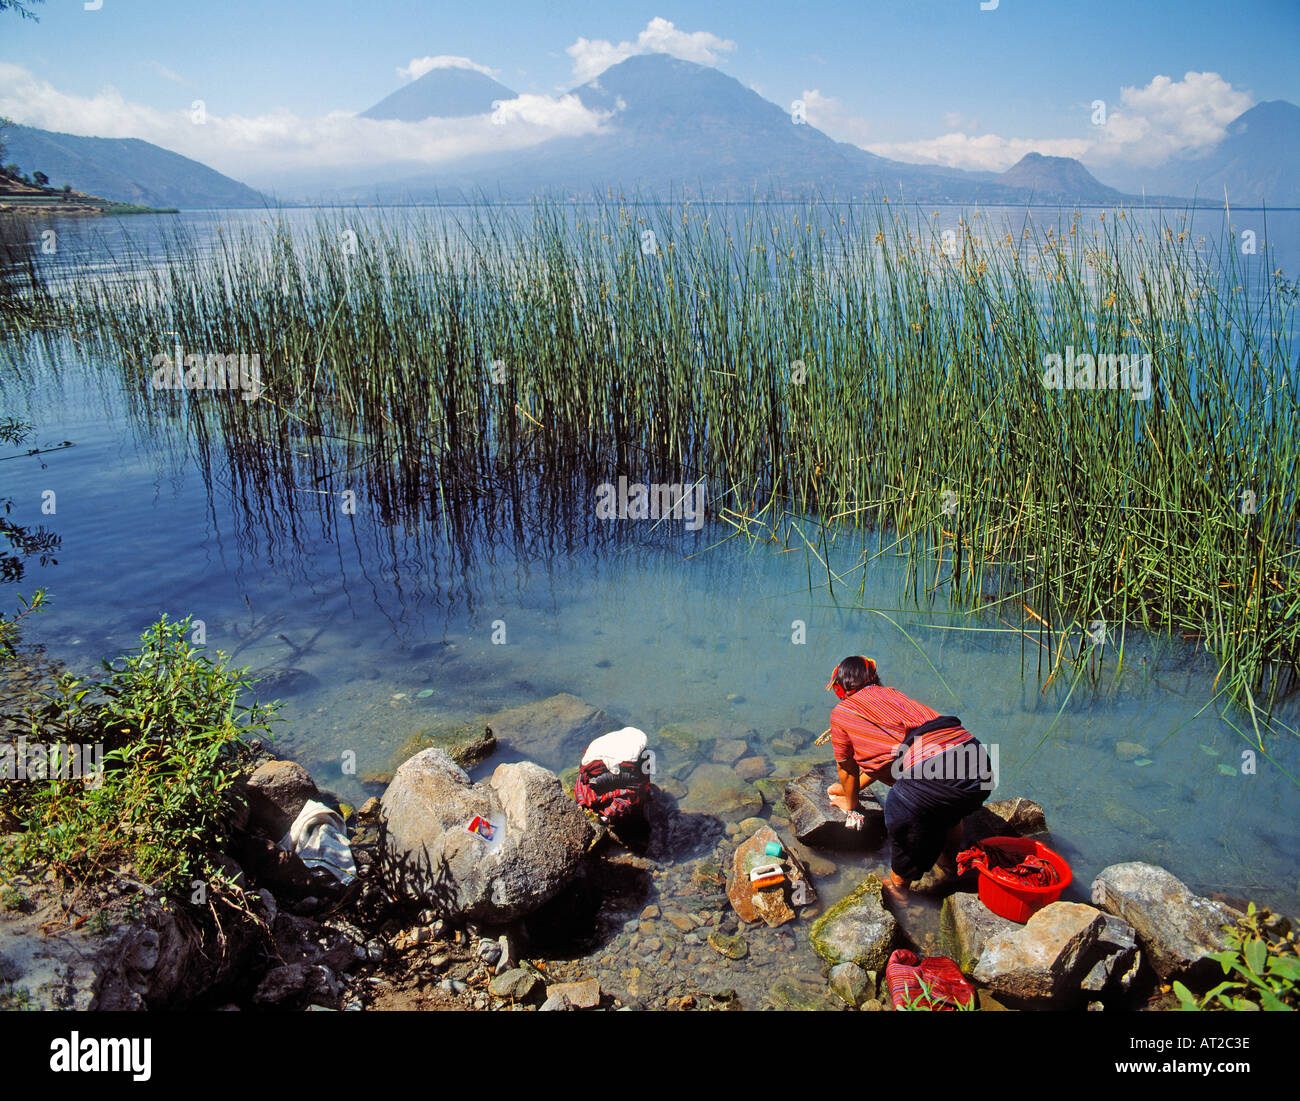 Lake Atitlan Solola Department Guatemala Mayan Indian woman washing clothes in lake - Stock Image